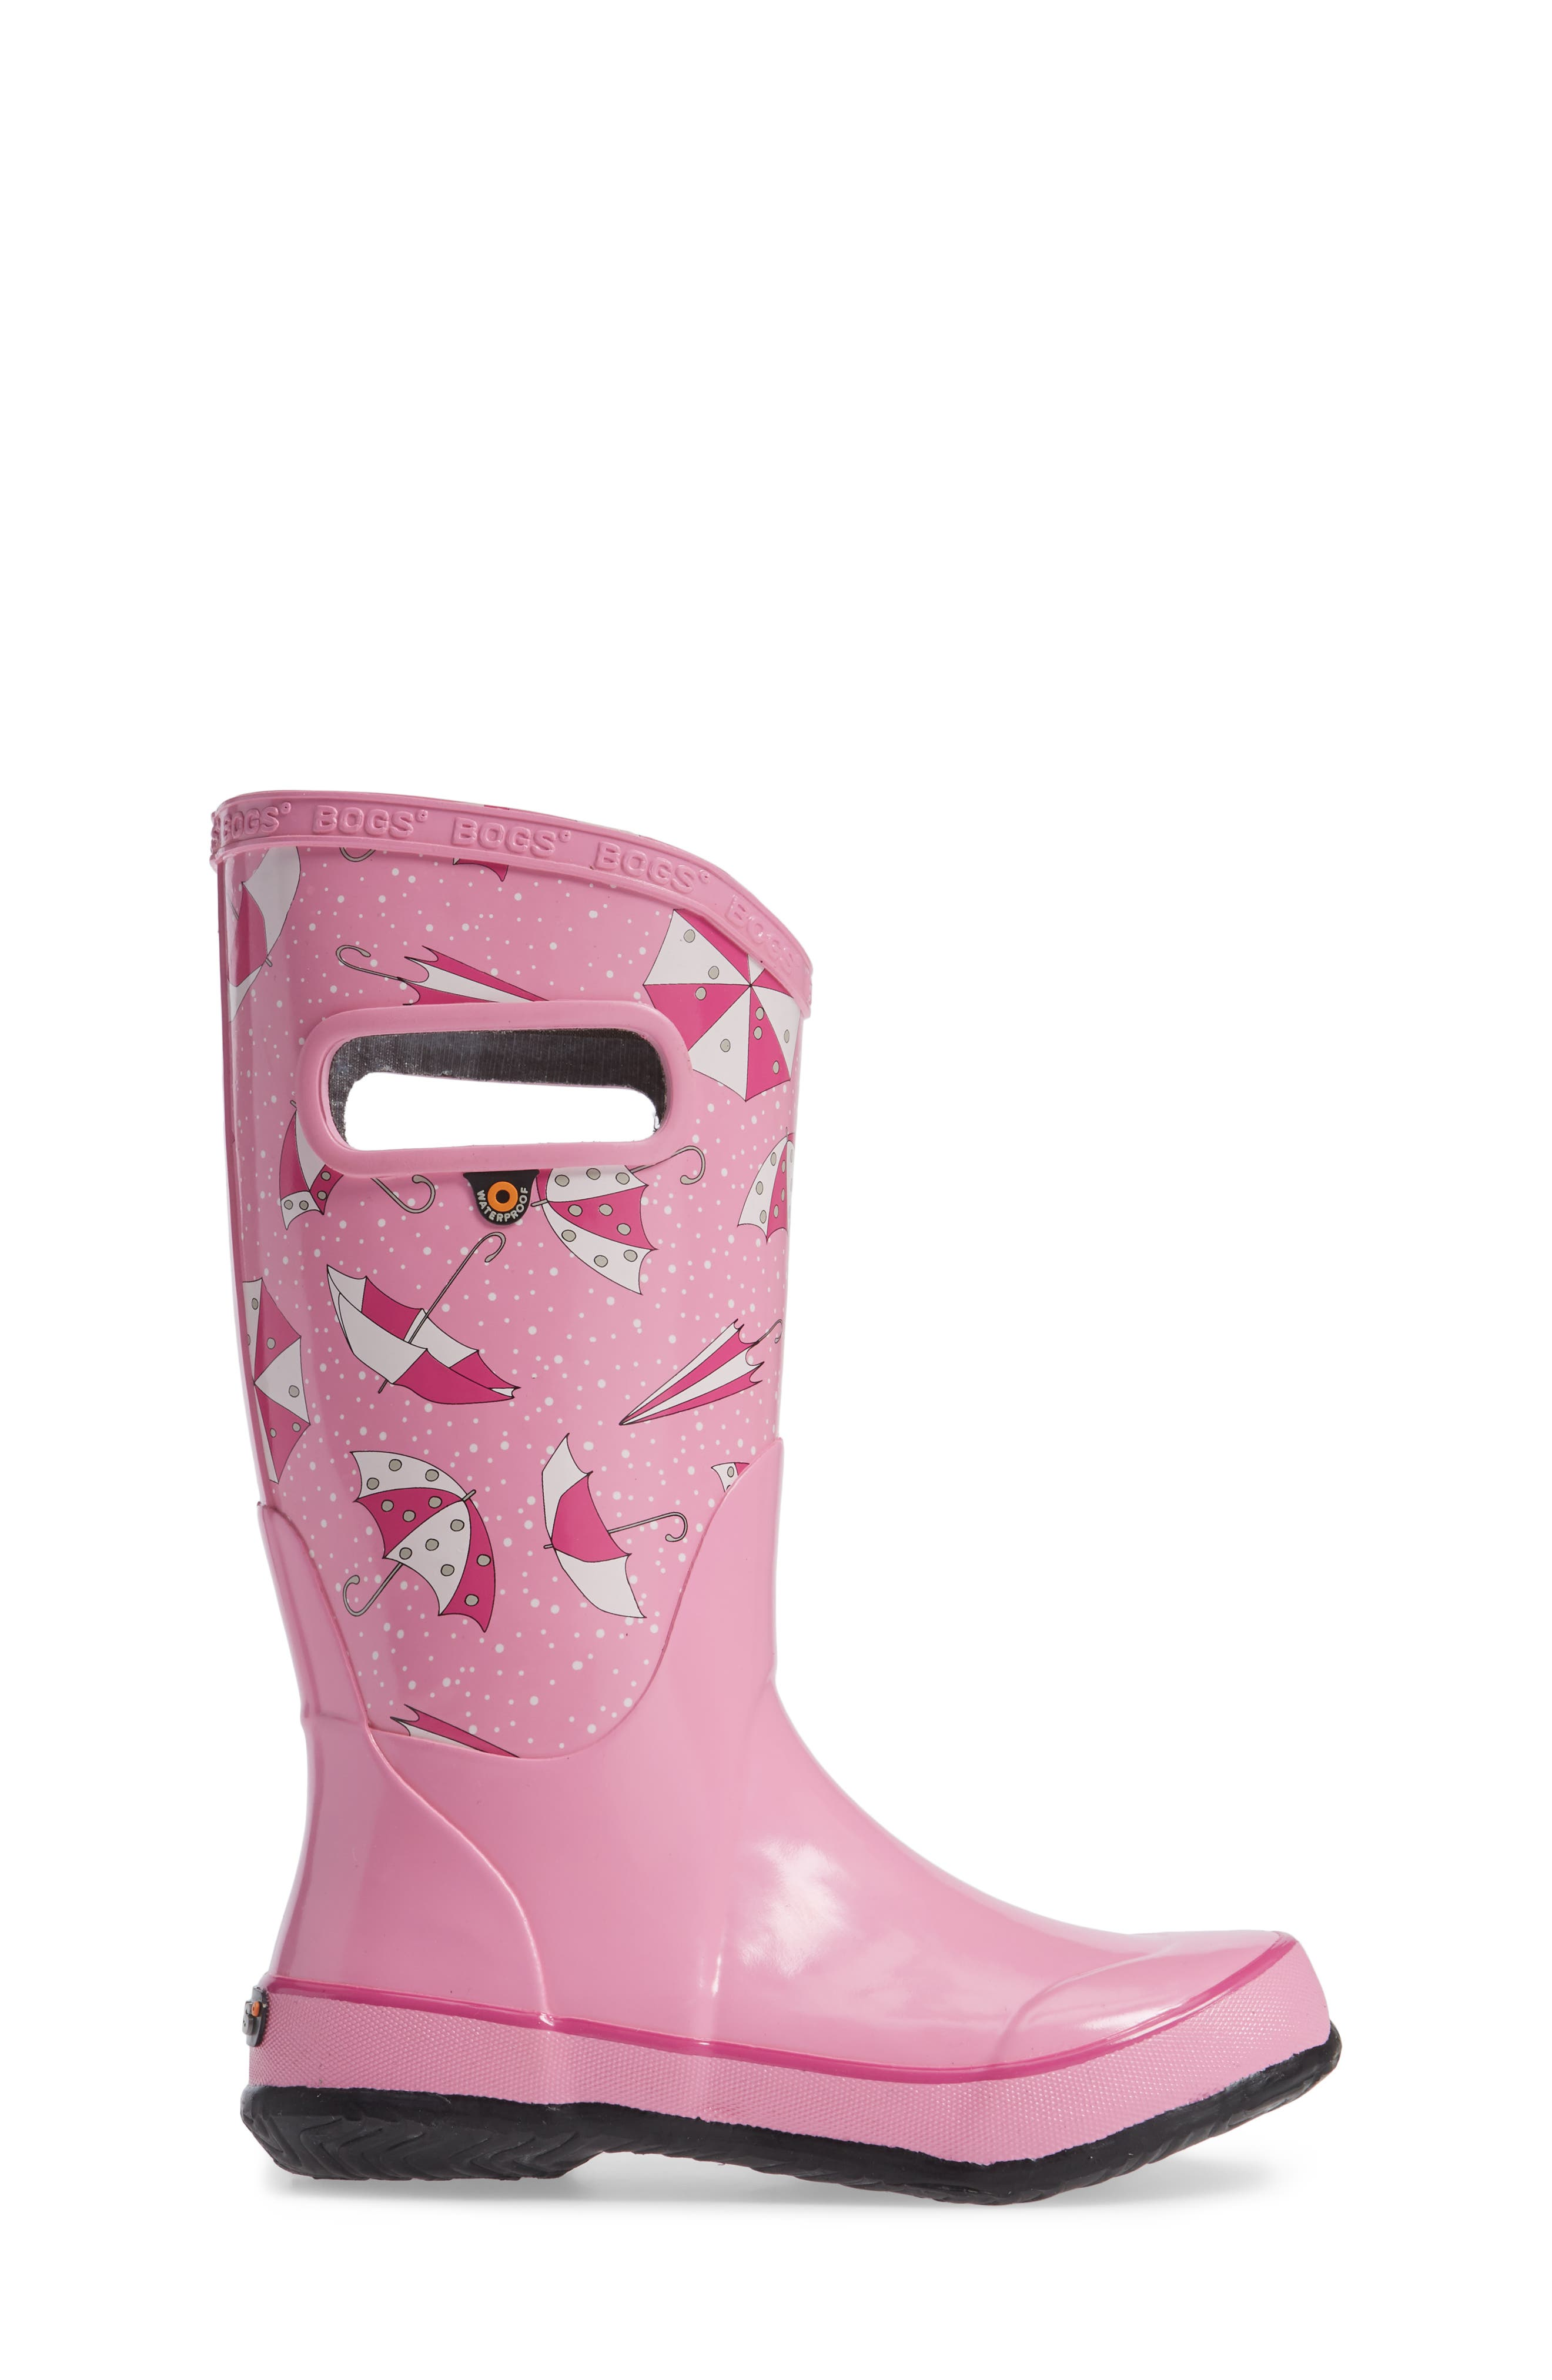 Umbrellas Waterproof Rubber Rain Boot,                             Alternate thumbnail 3, color,                             PINK MULTI